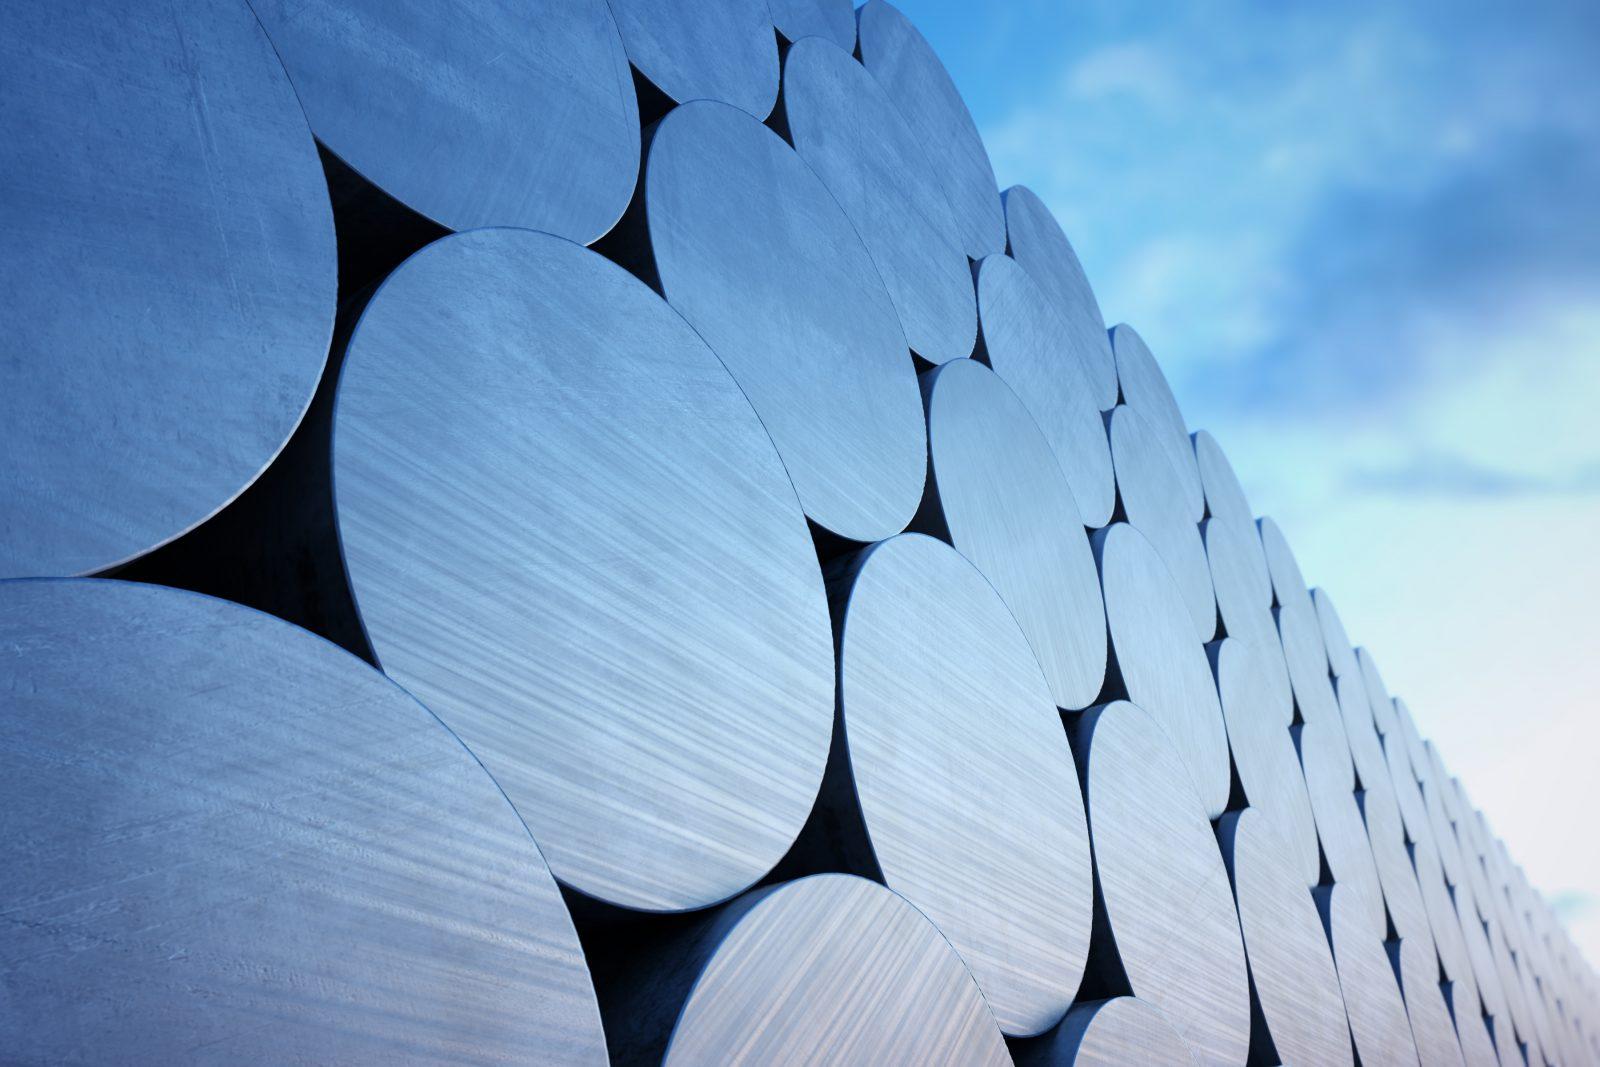 Industrie de l'aluminium : De l'optimisme en 2021